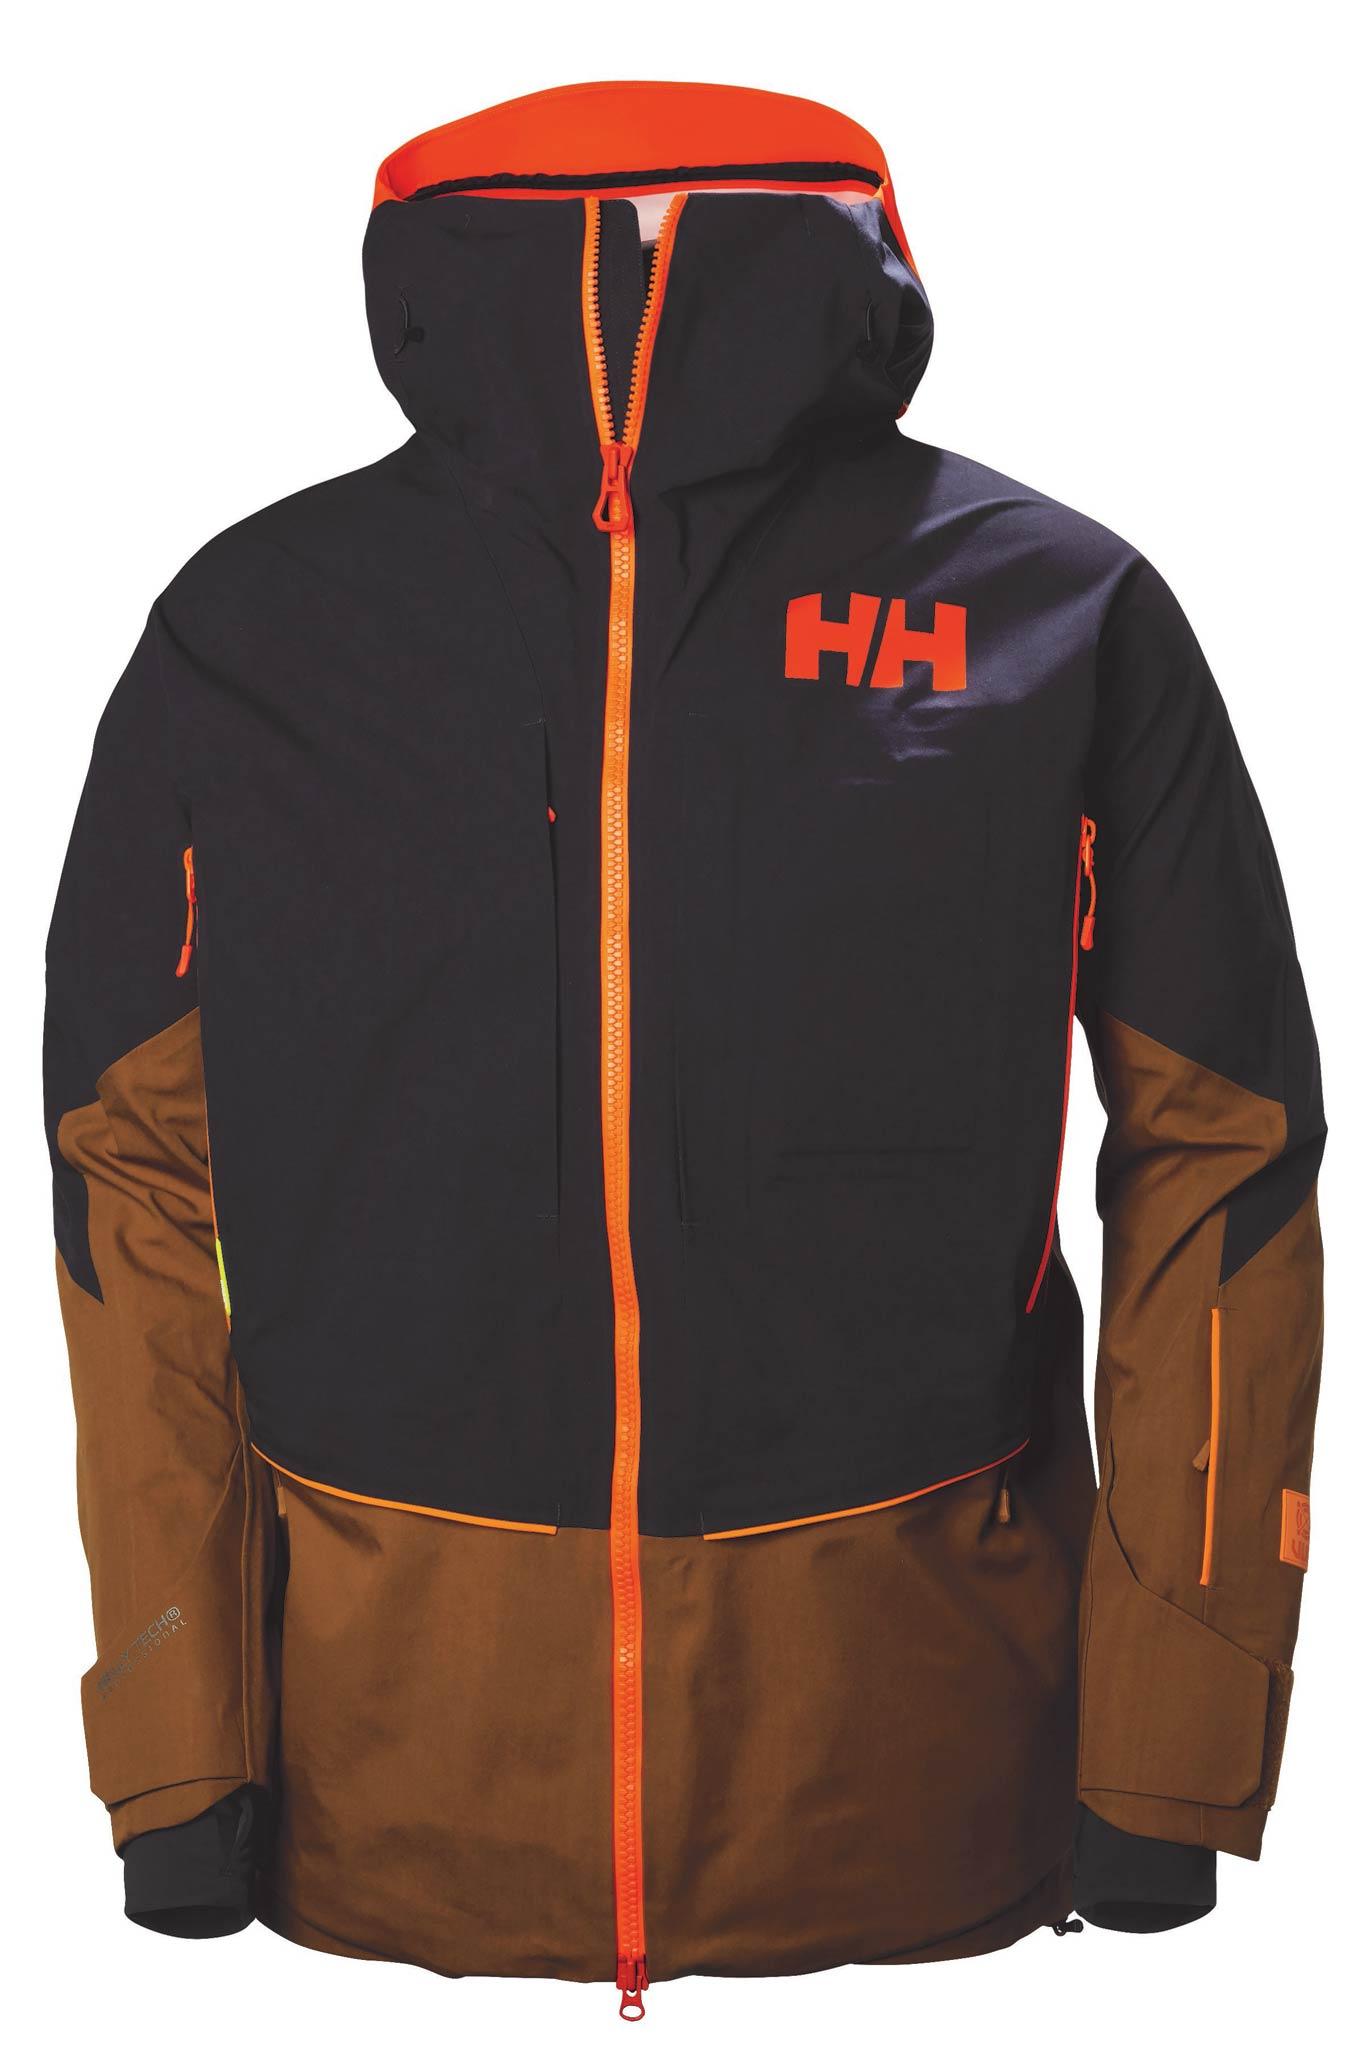 Helly Hansen: Elevation Shell 17/18